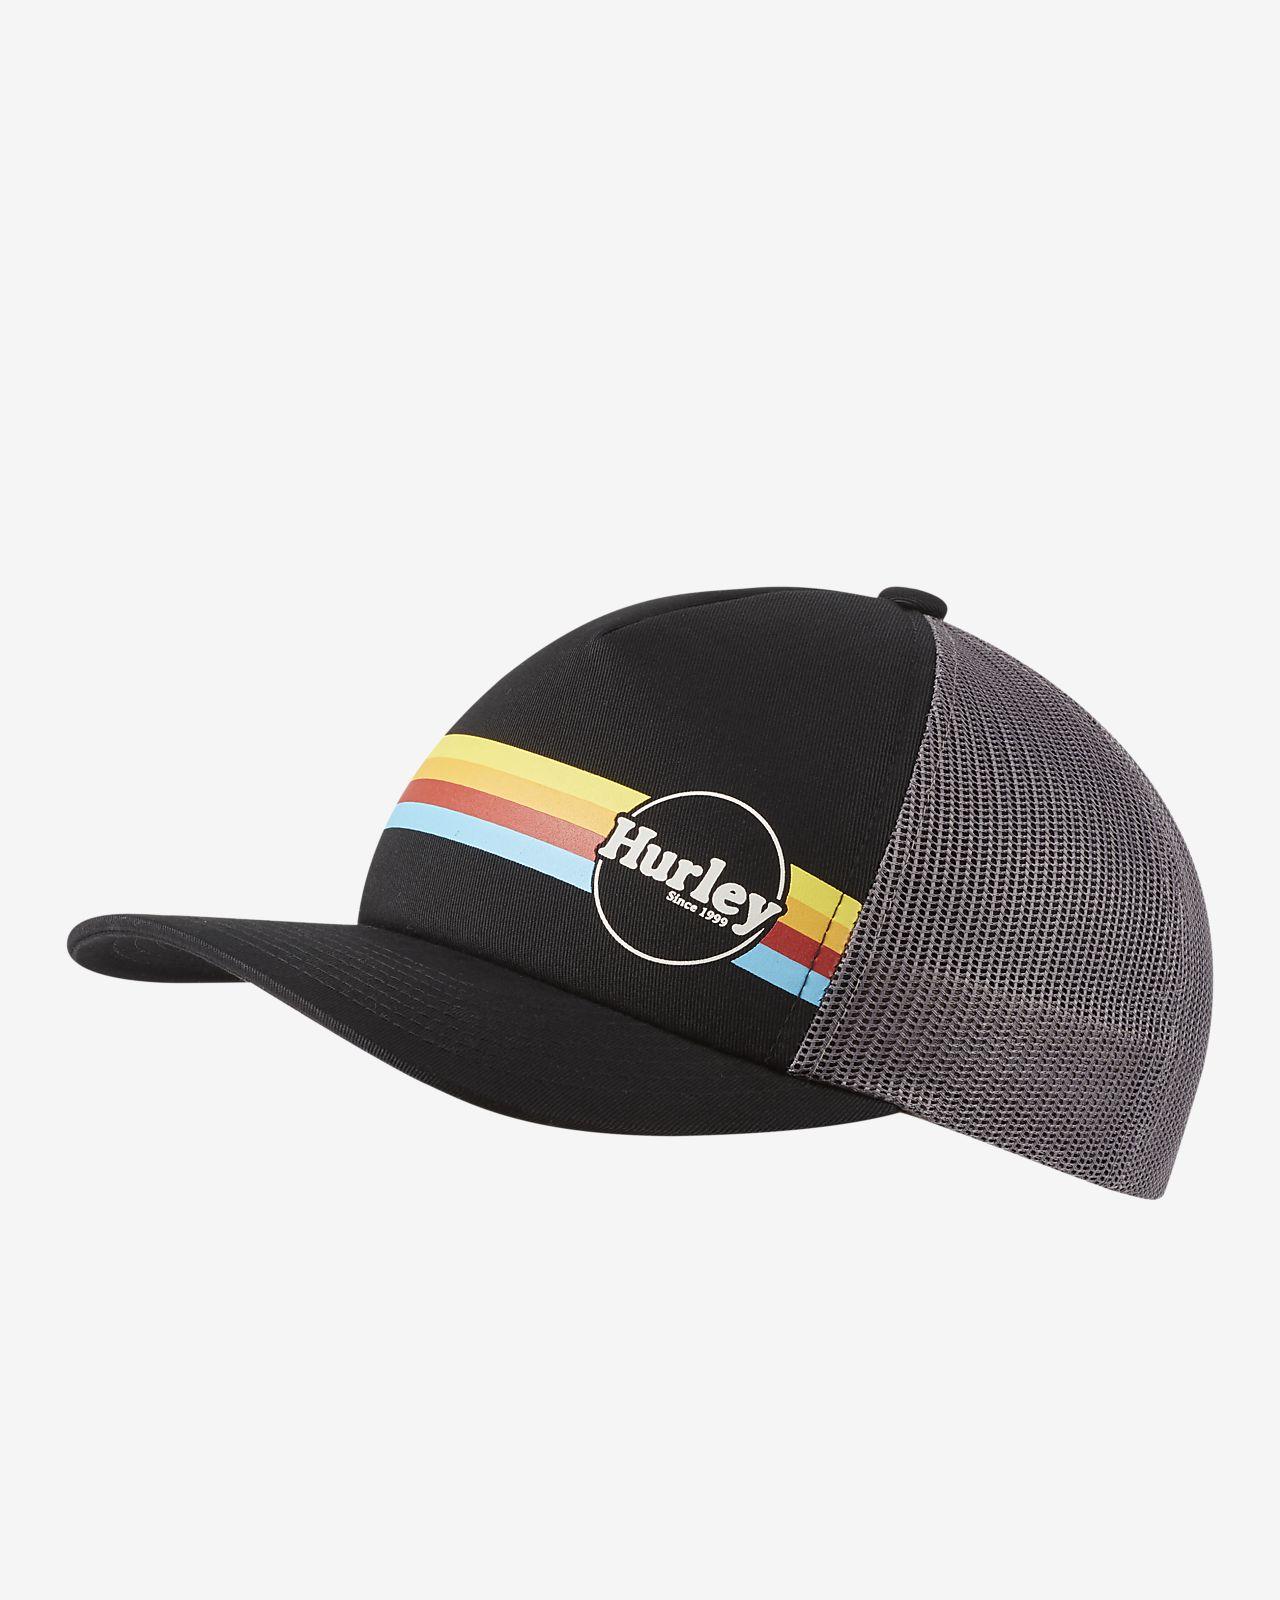 Hurley Jammer Women's Trucker Hat